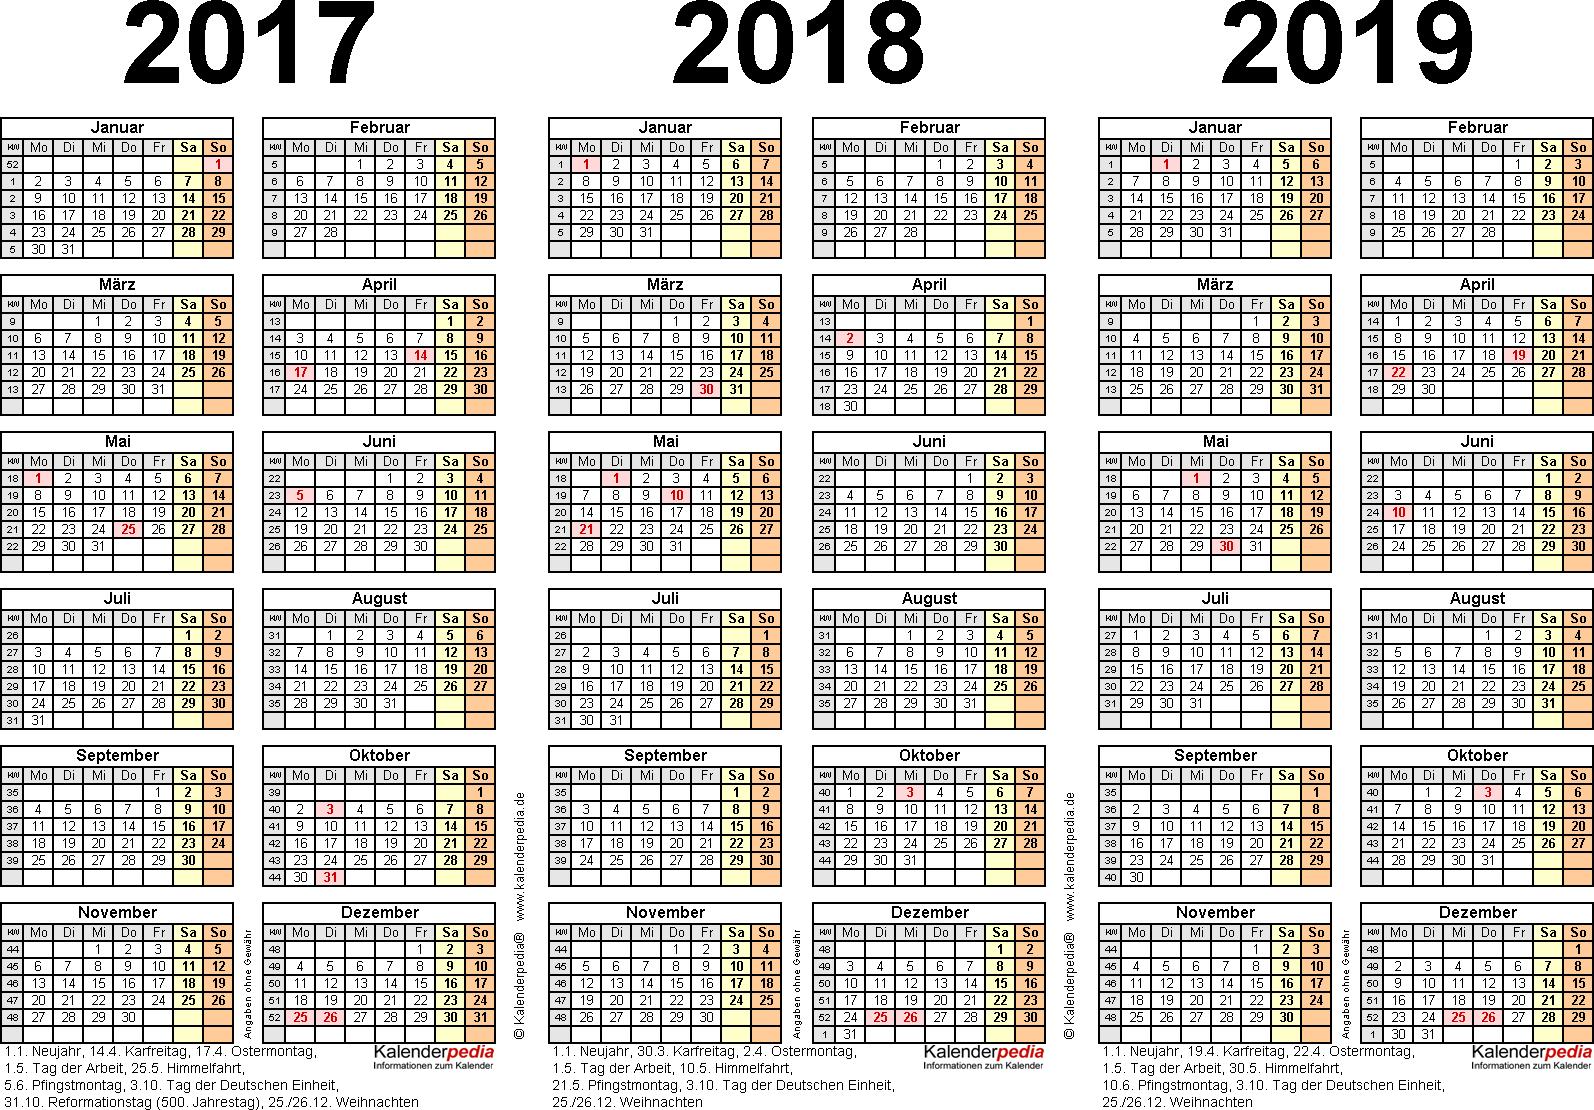 Excel-Vorlage für Dreijahreskalender 2017/2018/2019 (Querformat, 1 Seite)